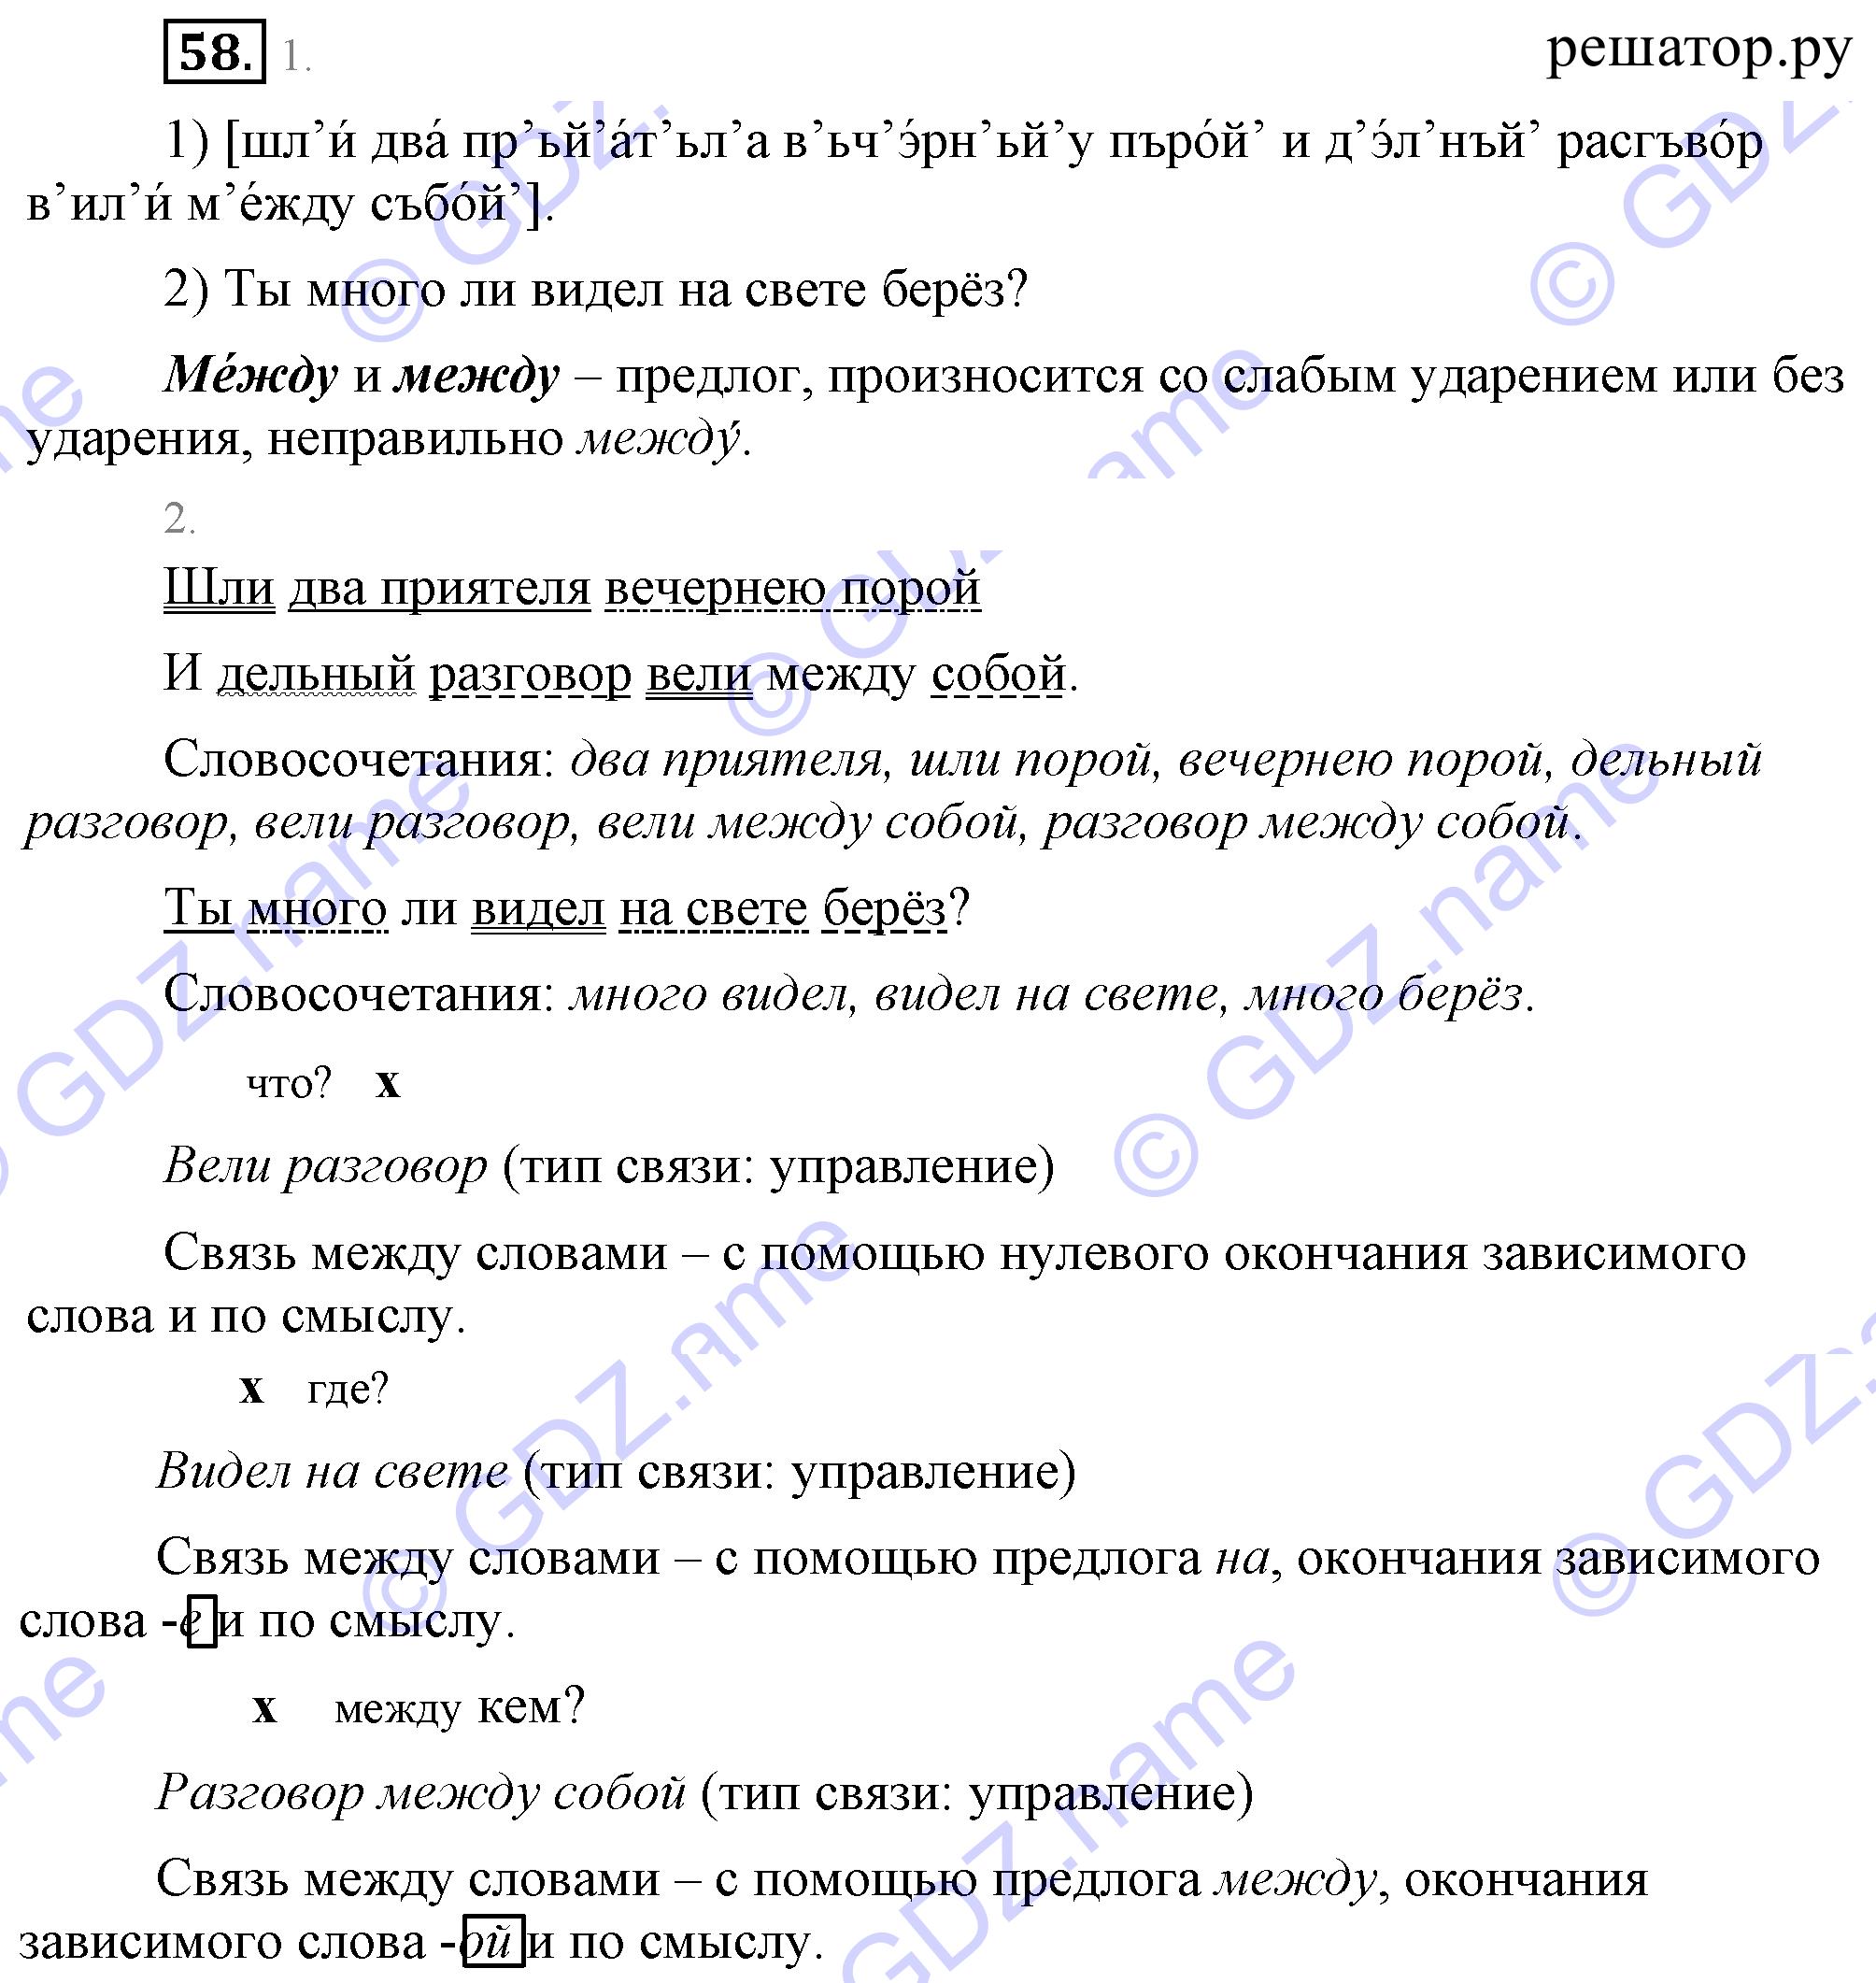 Решение упражнений по русскому языку за 8 класс львова